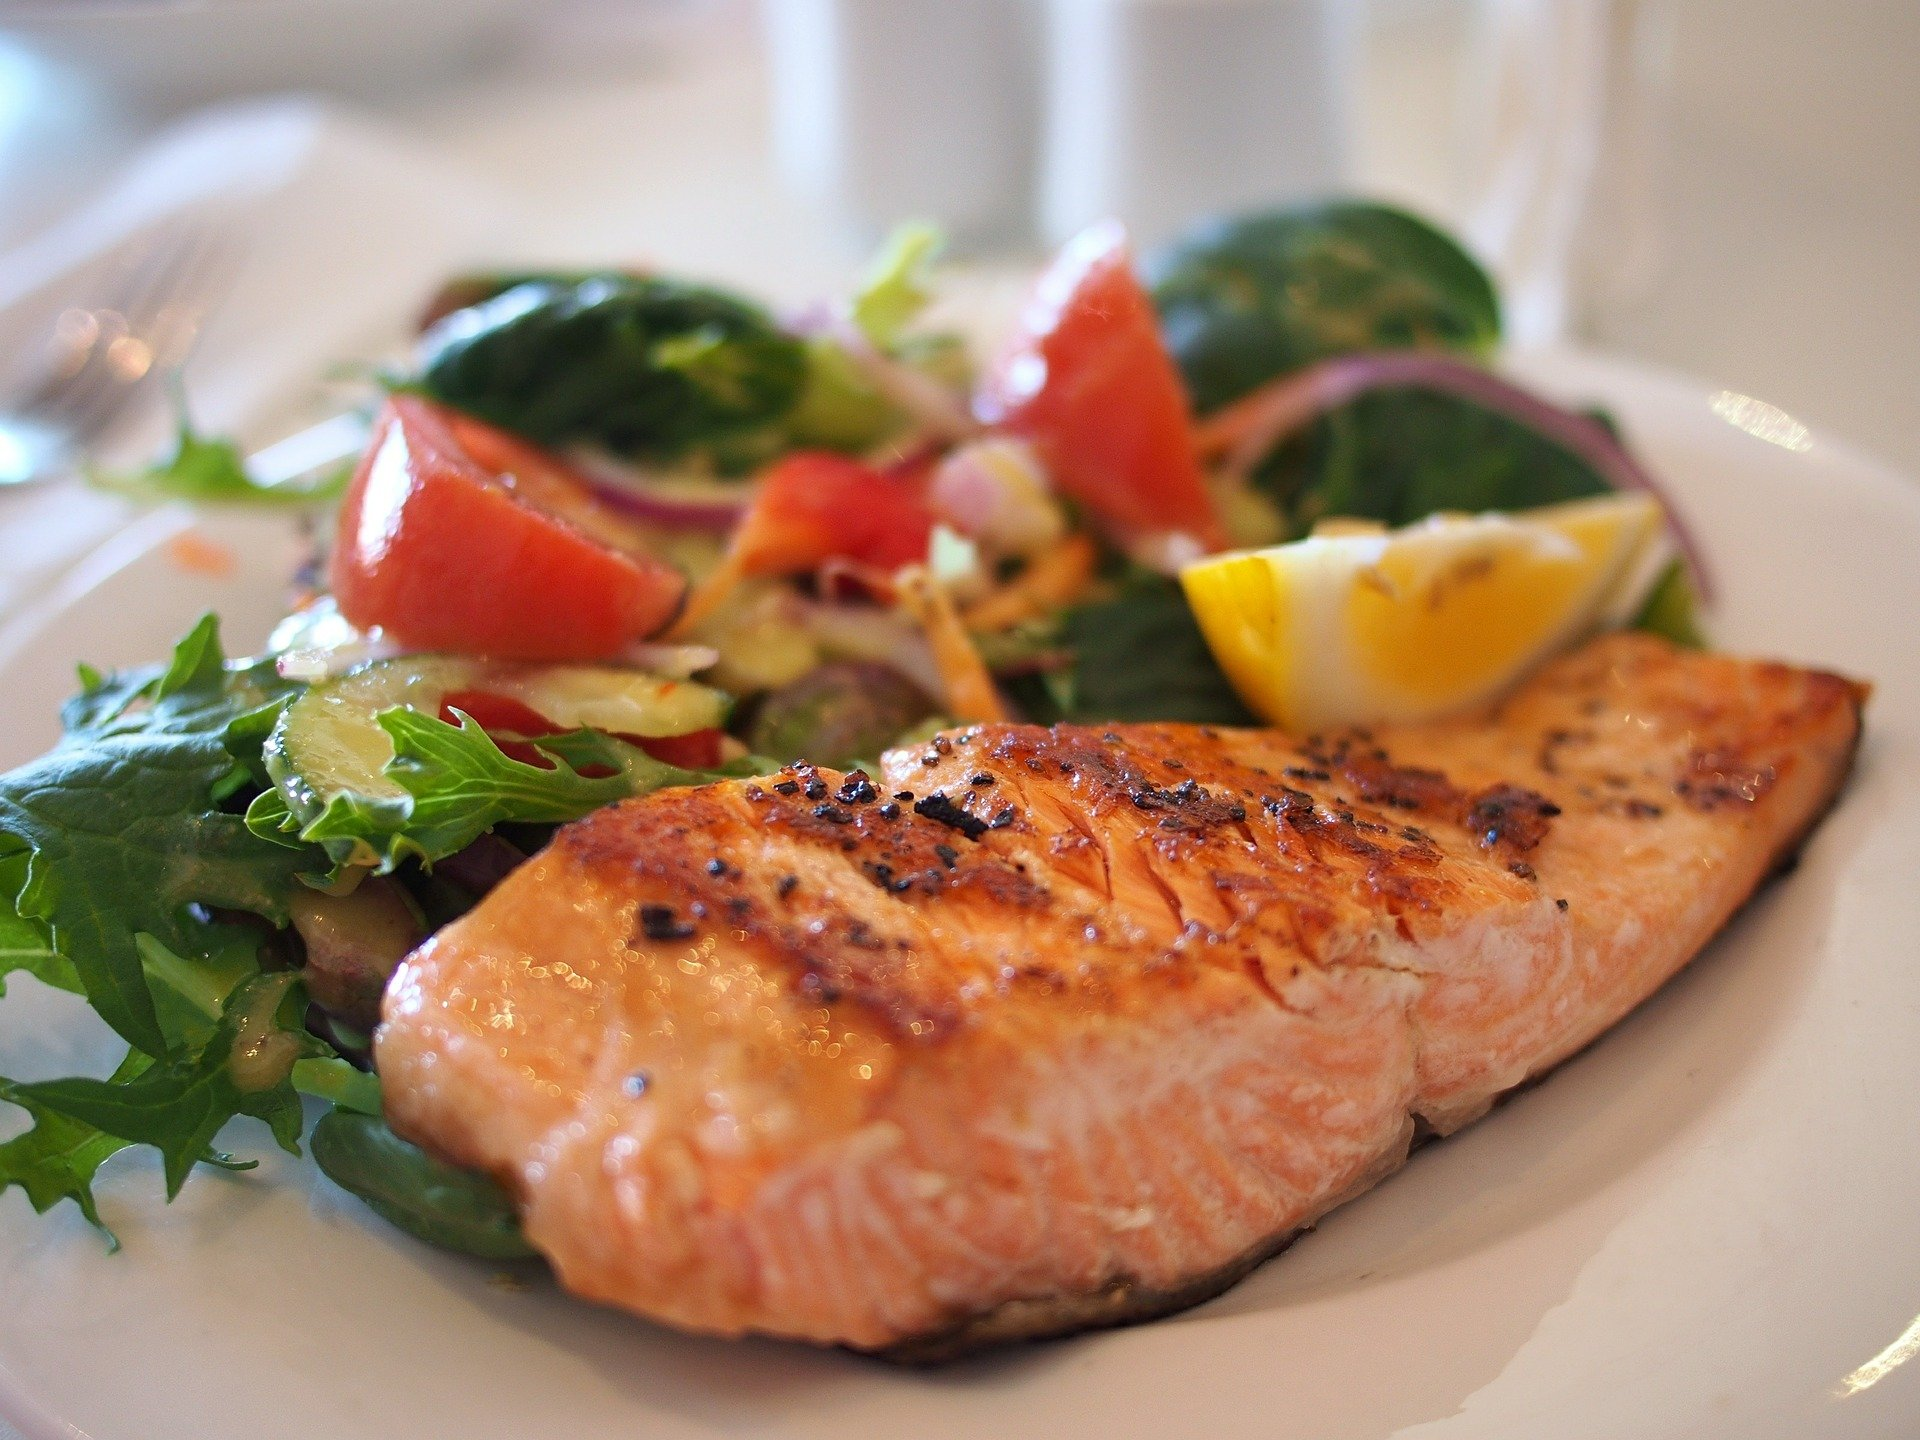 Funciones de los lípidos: tipos, beneficios y alimentos